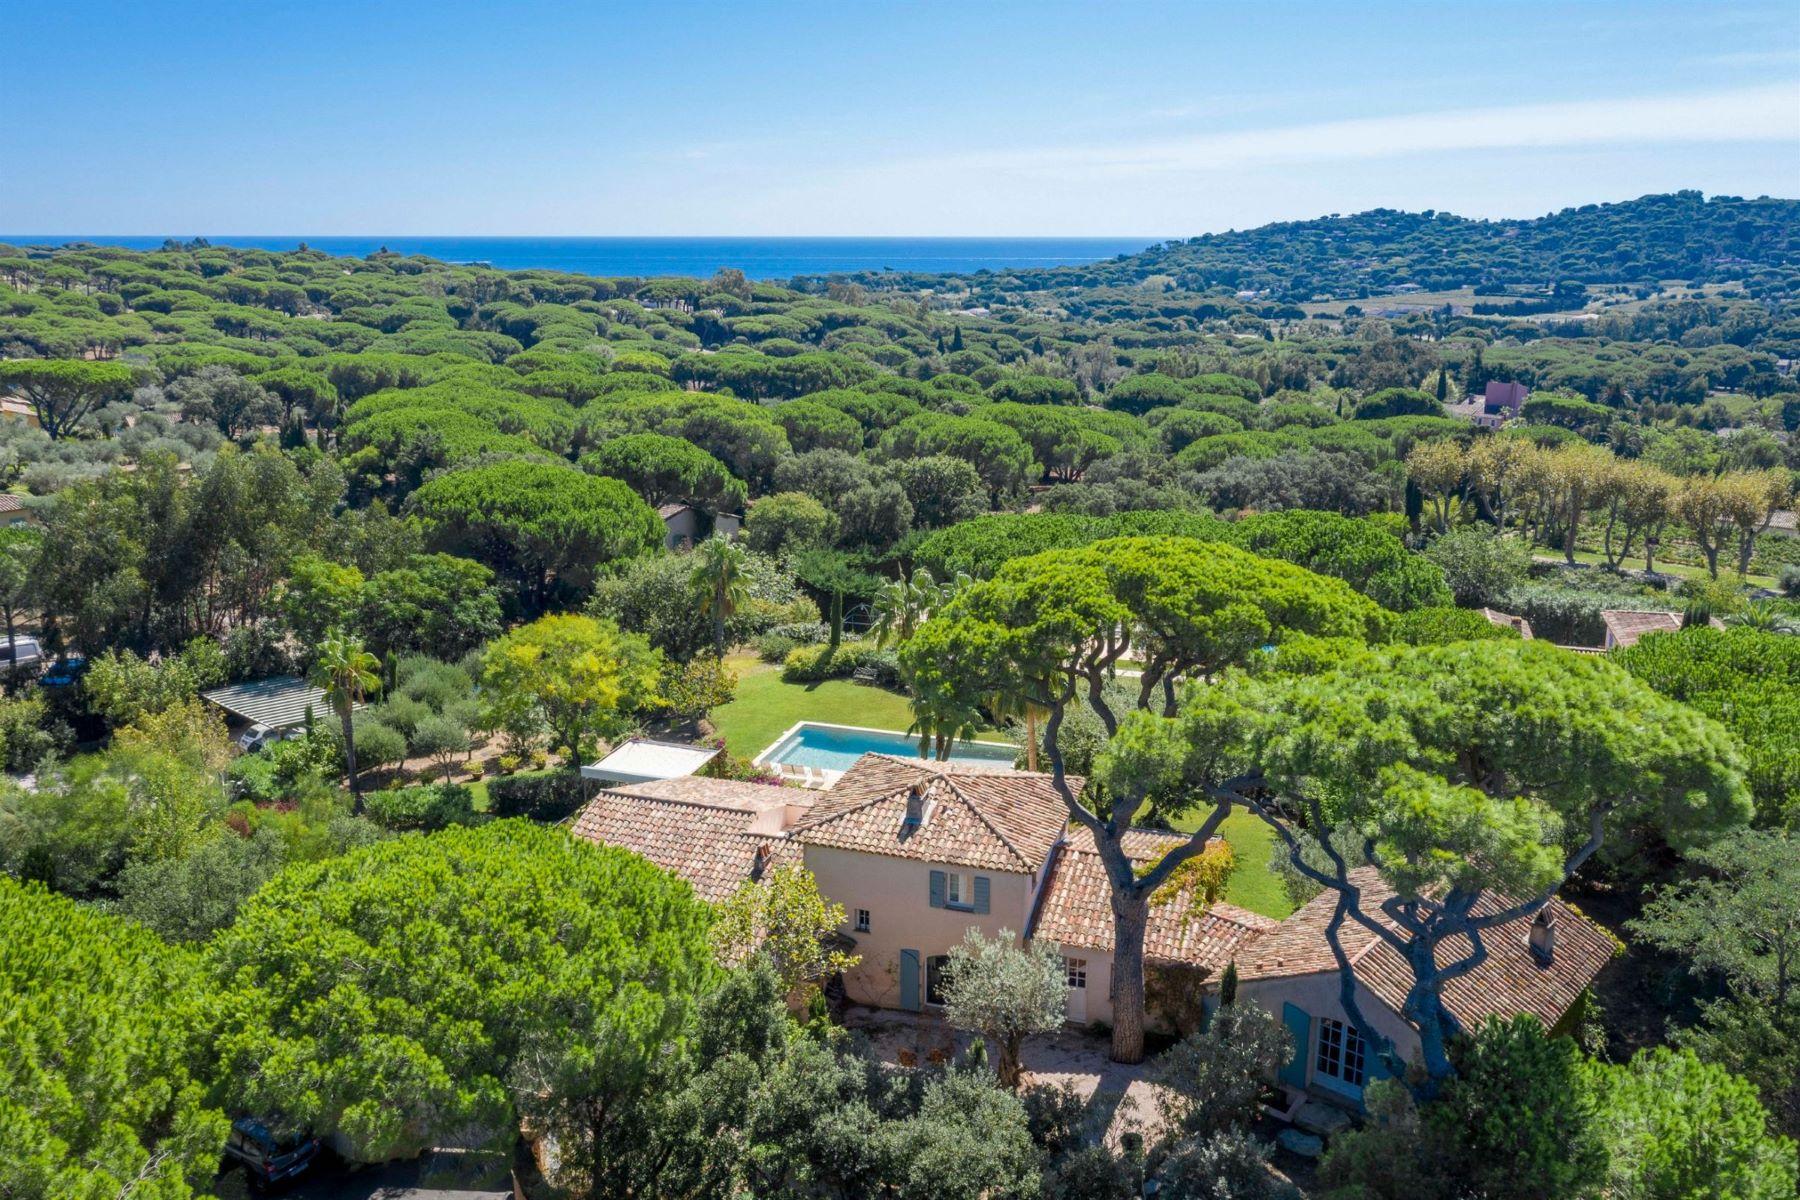 Single Family Homes for Sale at Wonderful provencal villa in the Parks of Saint Tropez Saint Tropez, Provence-Alpes-Cote D'Azur 83990 France